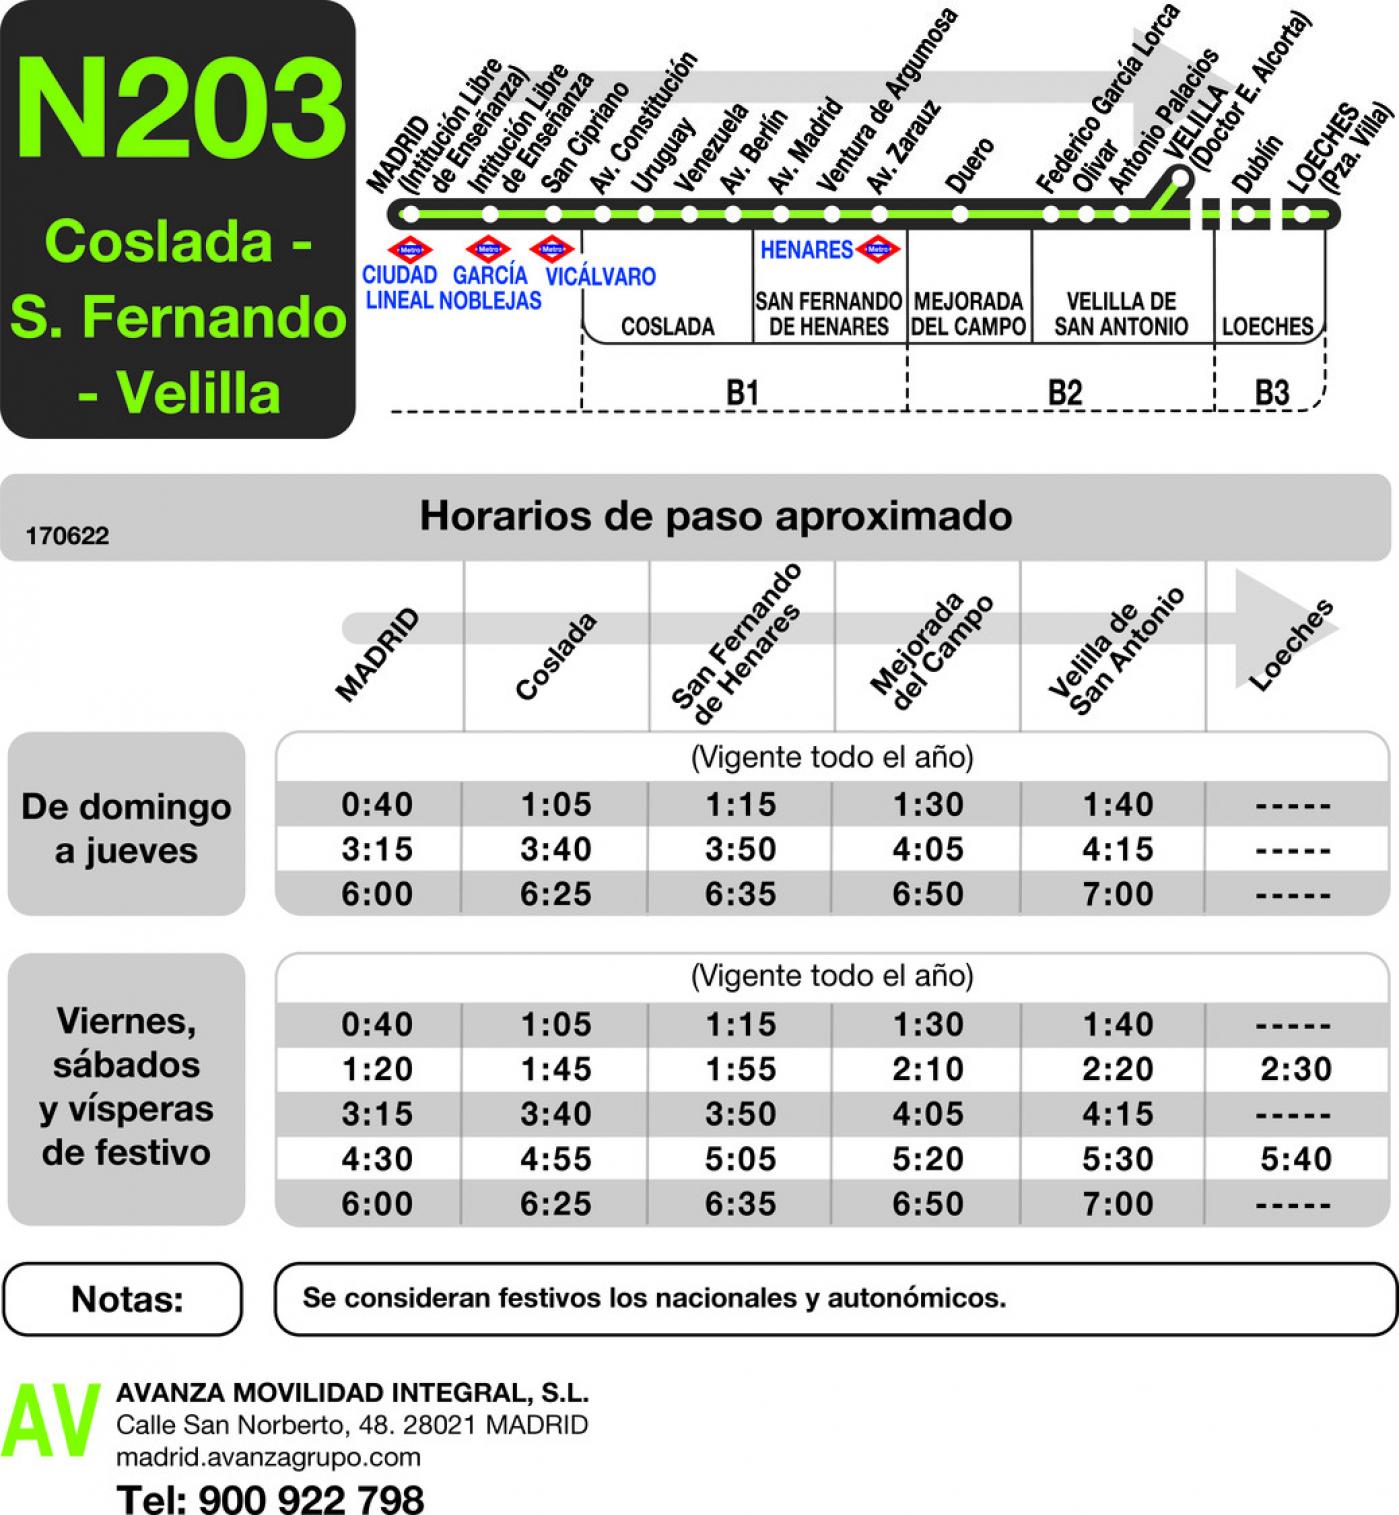 Tabla de horarios y frecuencias de paso en sentido ida Línea N-203: Madrid (Ciudad Lineal) - Coslada - San Fernando - Velilla - Loeches